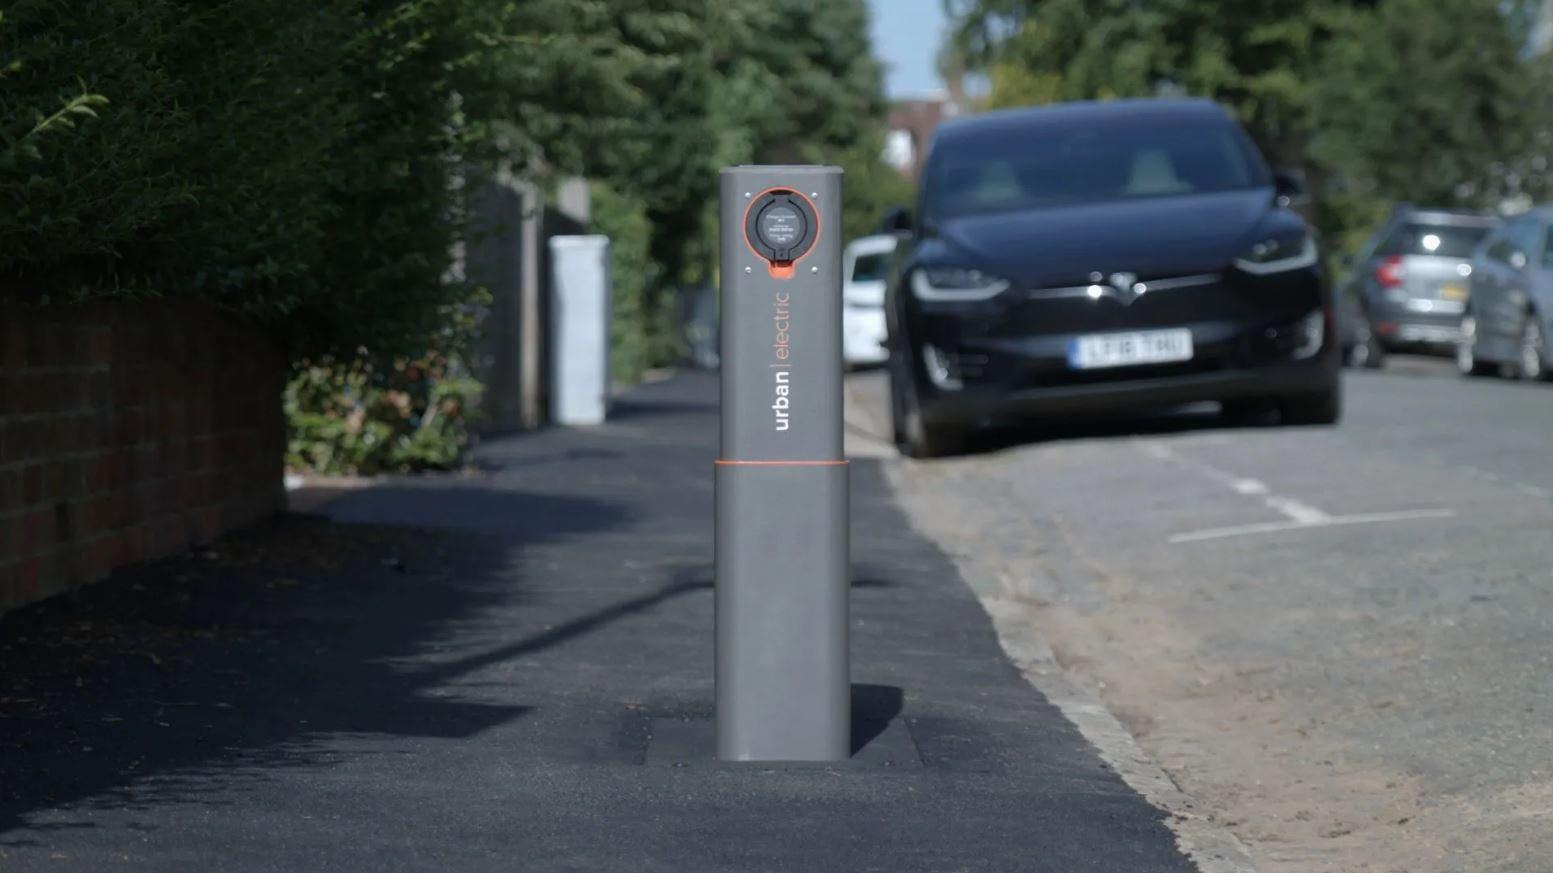 Urban Electric colonnine di ricarica pop-up auto elettriche